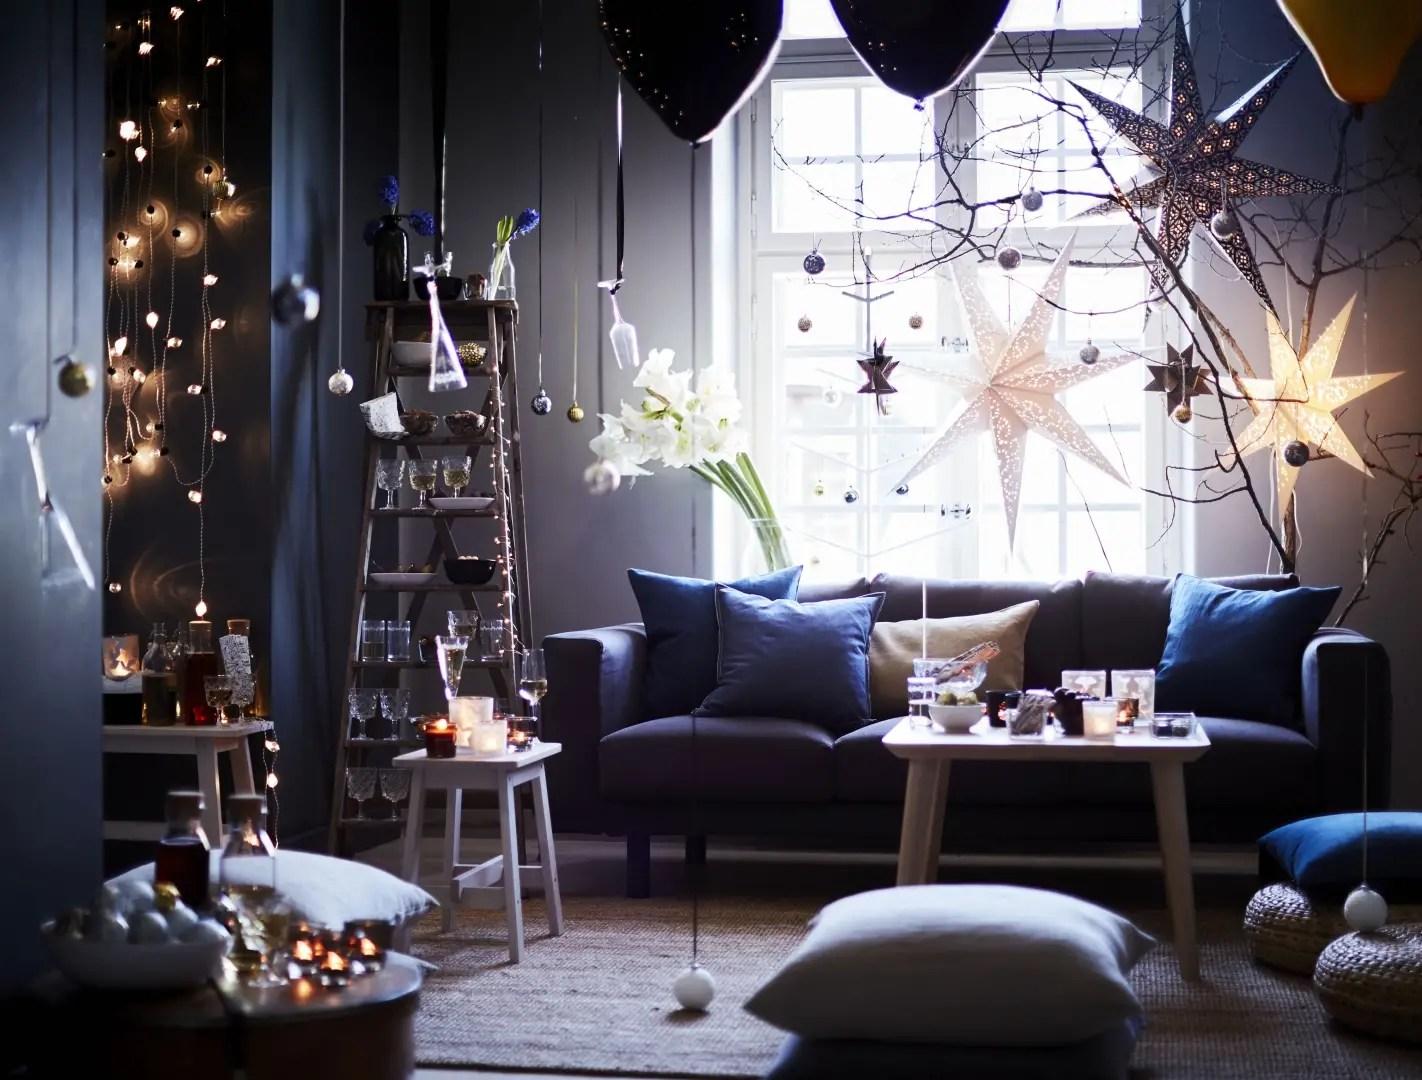 Wonen & seizoenen | IKEA winter en kerstcollectie 2016 - Woonblog StijlvolStyling.com